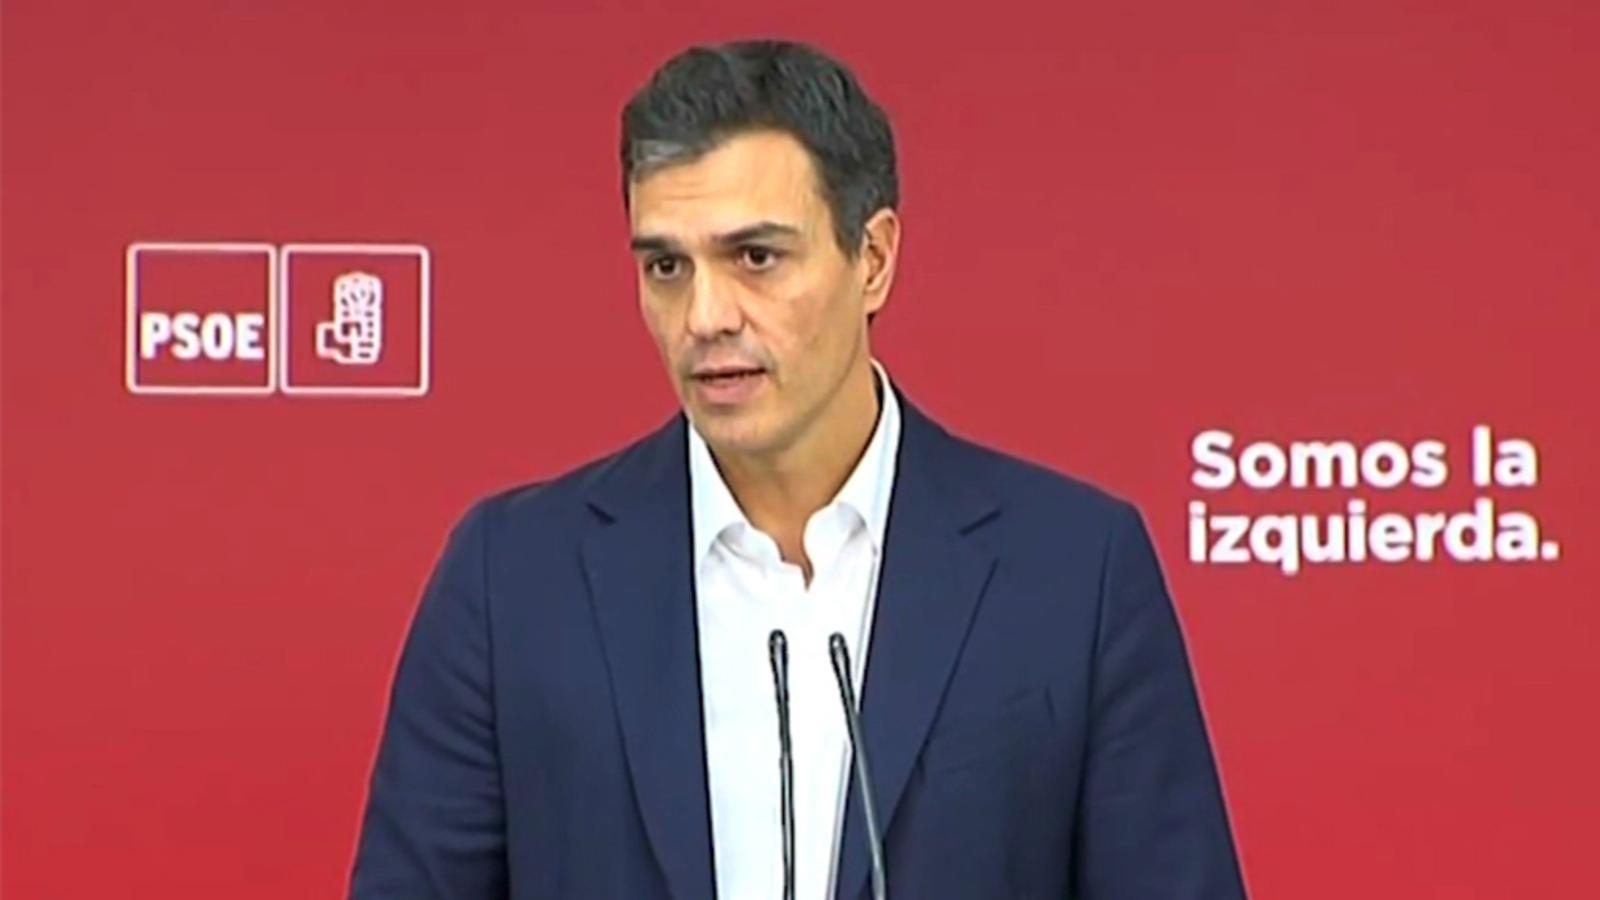 """Sánchez: """"L'acord que tinc amb el president Rajoy és obrir la via de la reforma constitucional"""""""